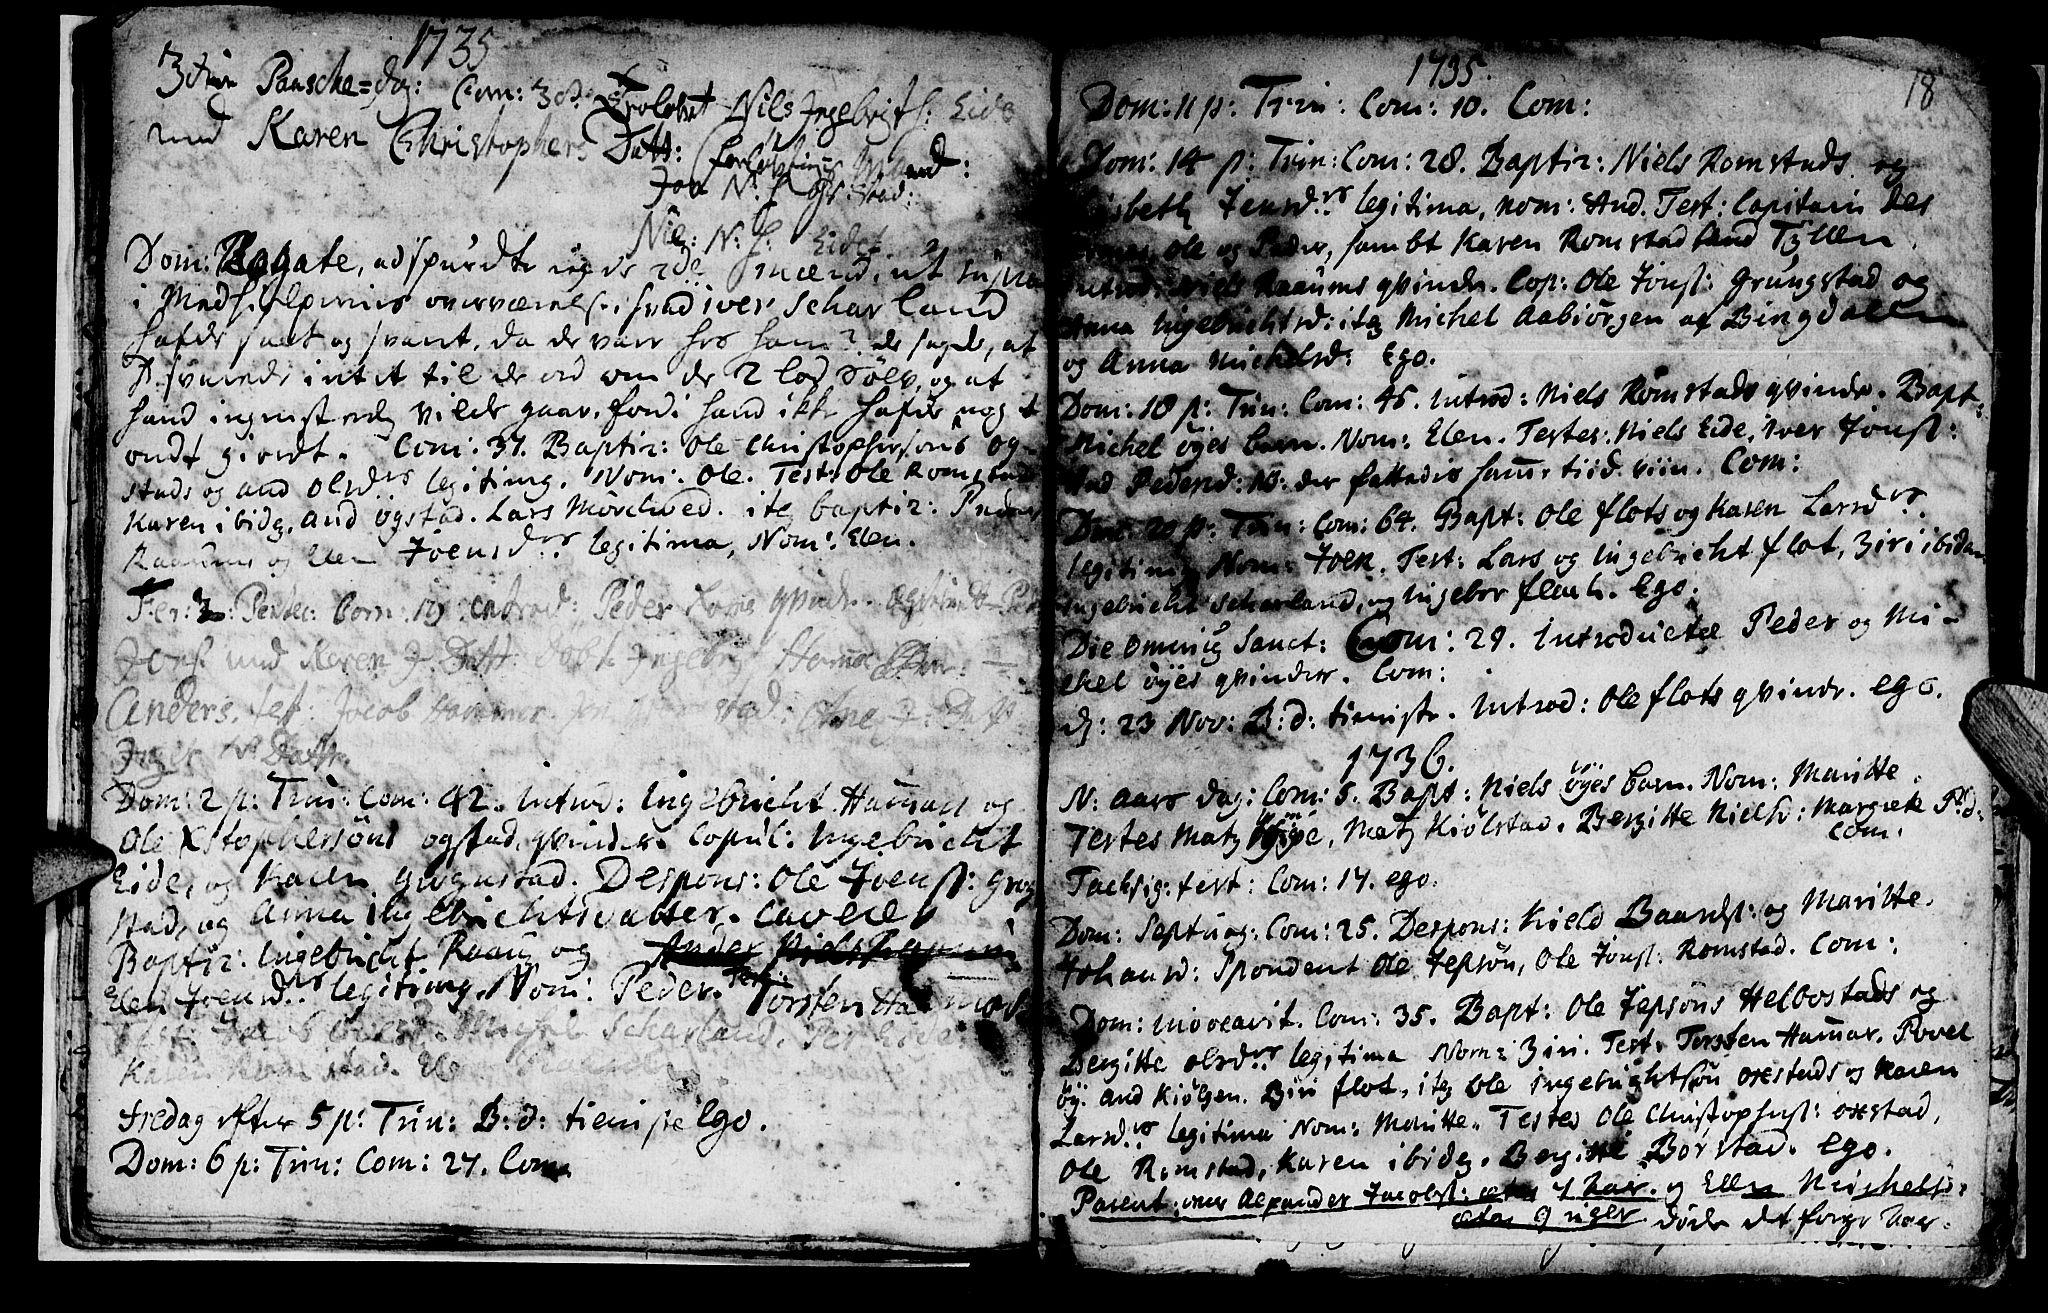 SAT, Ministerialprotokoller, klokkerbøker og fødselsregistre - Nord-Trøndelag, 765/L0560: Ministerialbok nr. 765A01, 1706-1748, s. 18